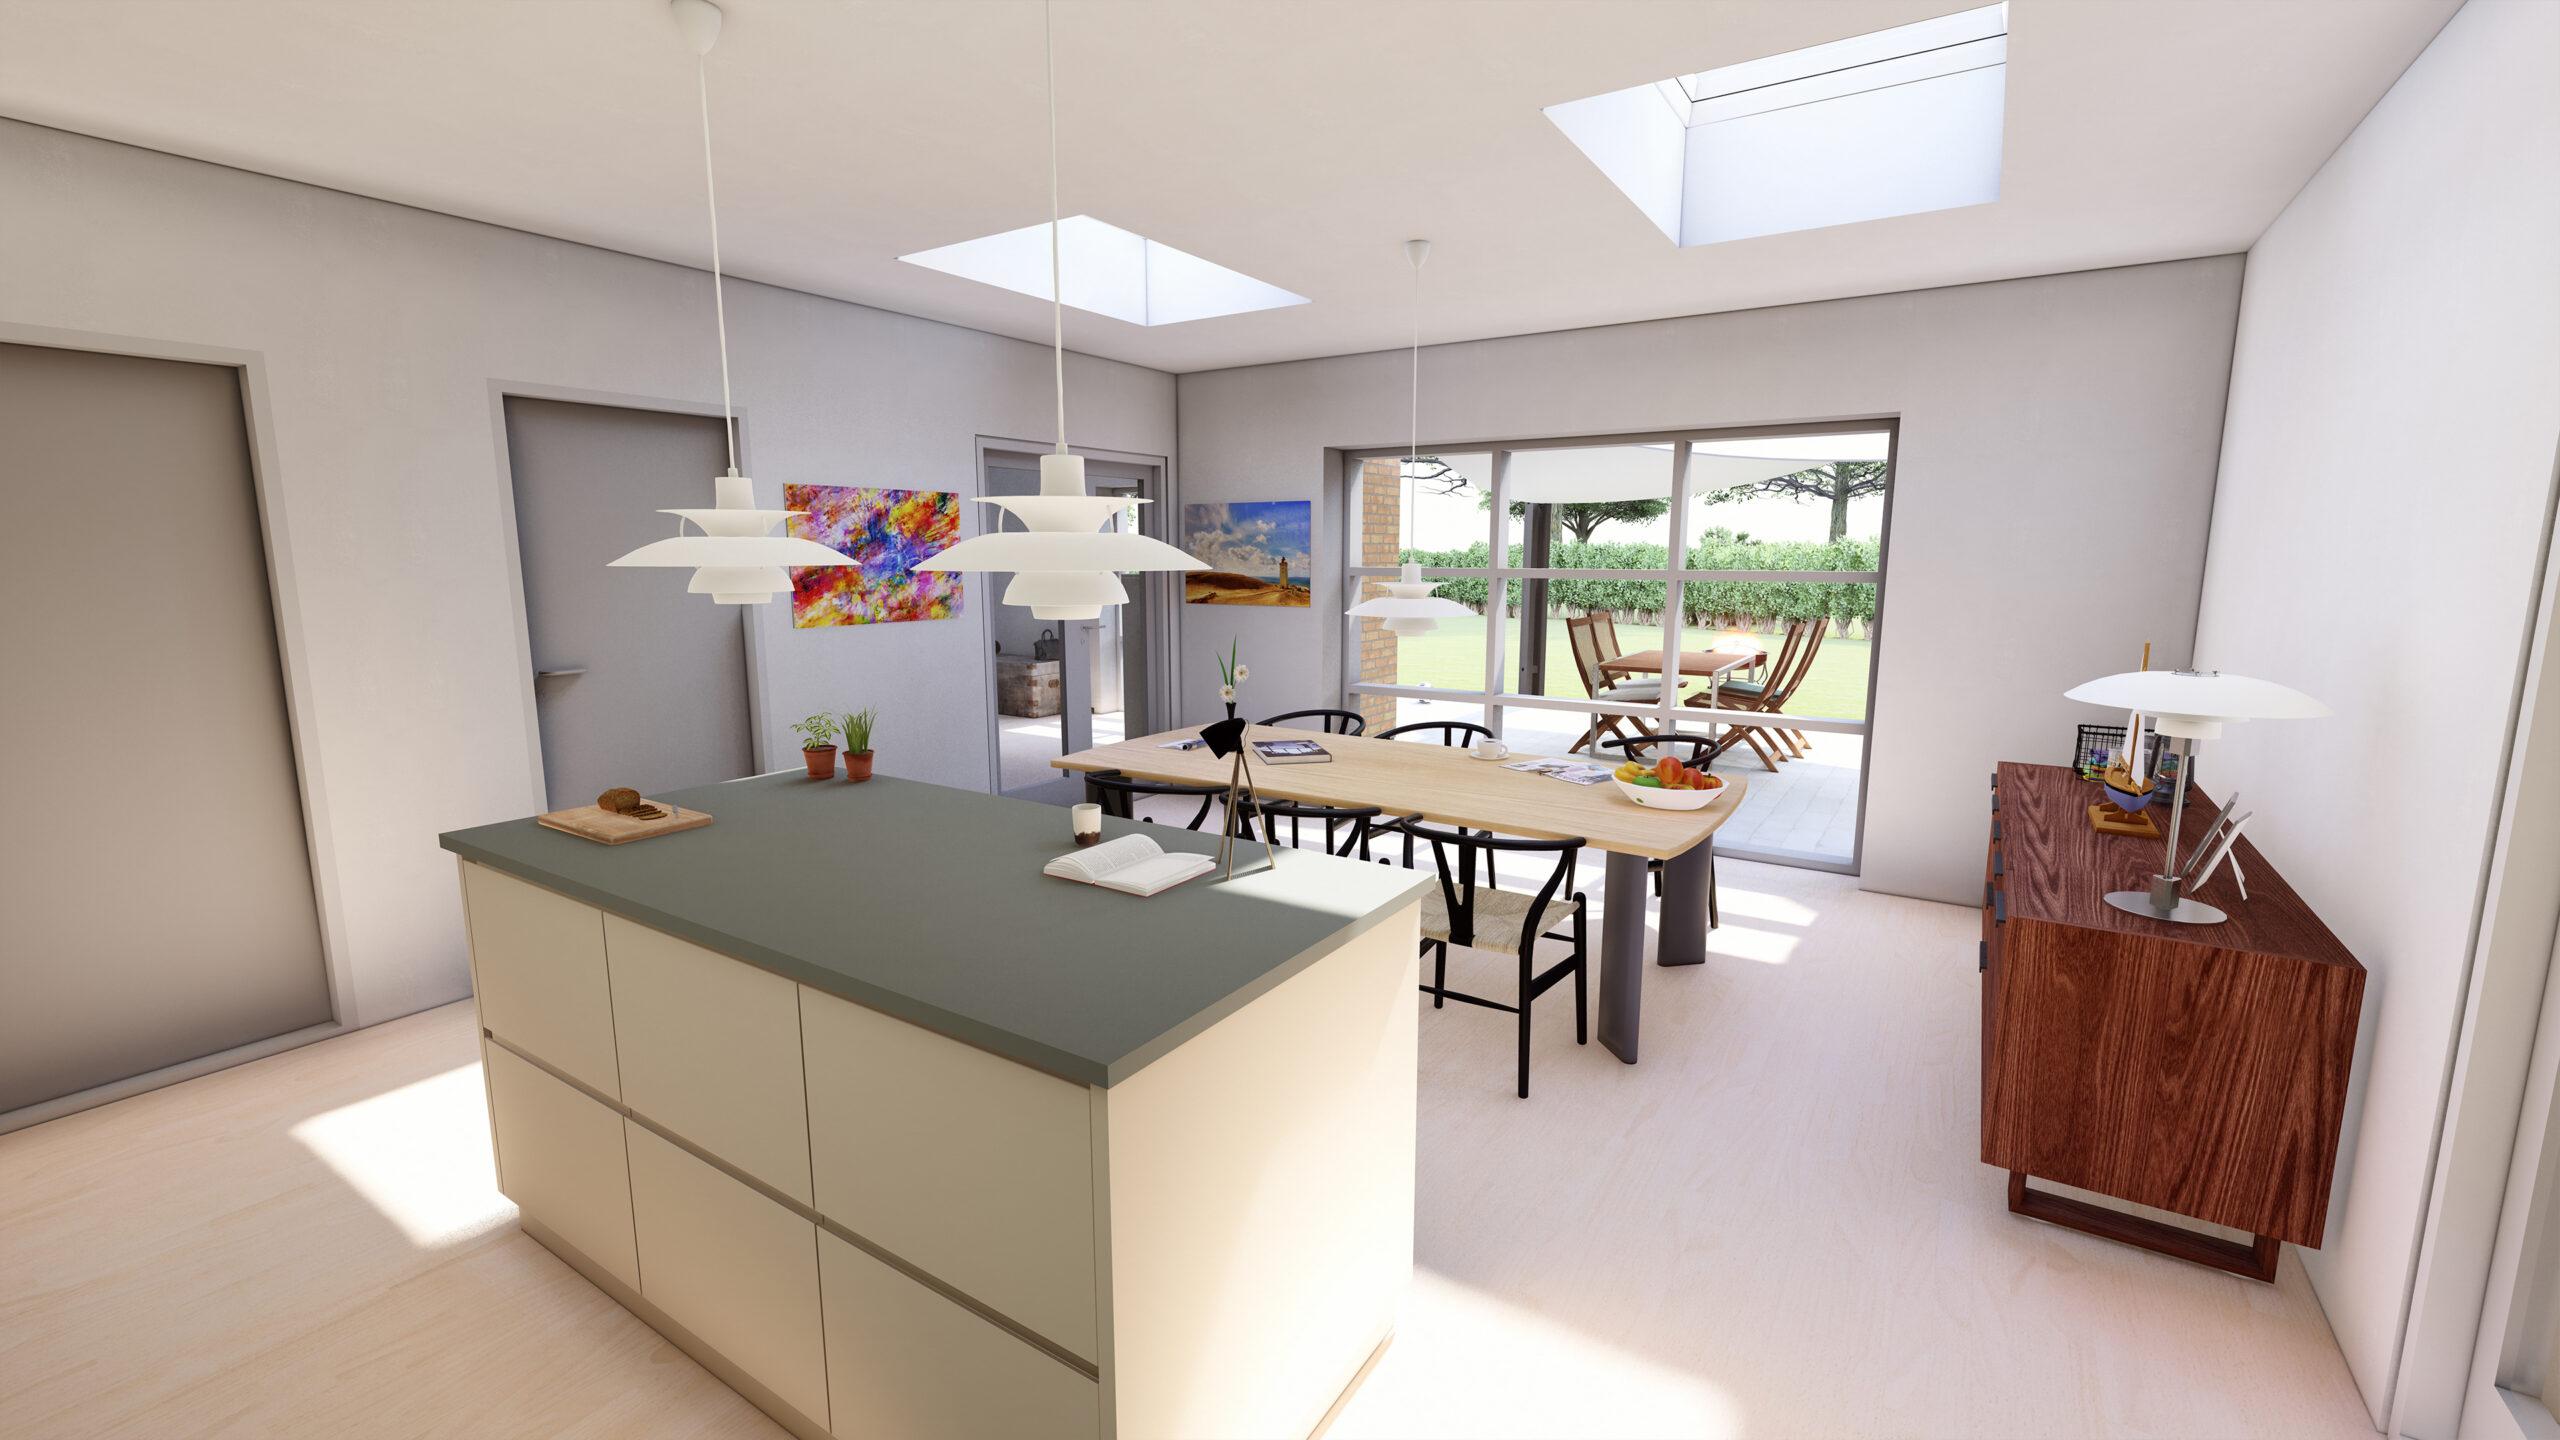 Ptoftdal - H-hus - køkken